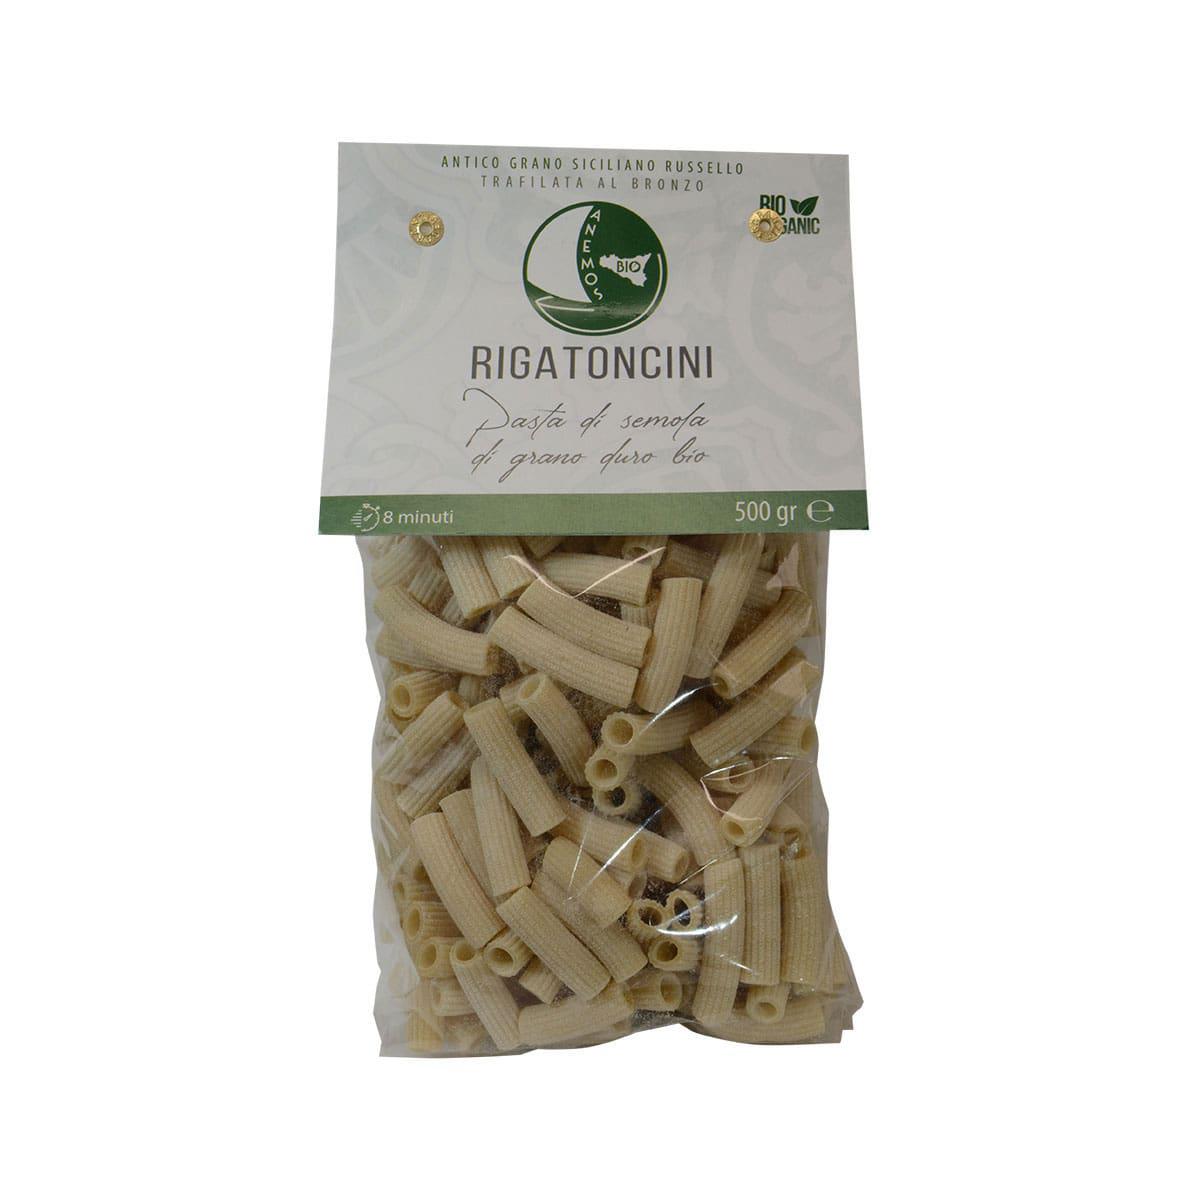 Organic Russello Durum Wheat Rigatoncini Pasta